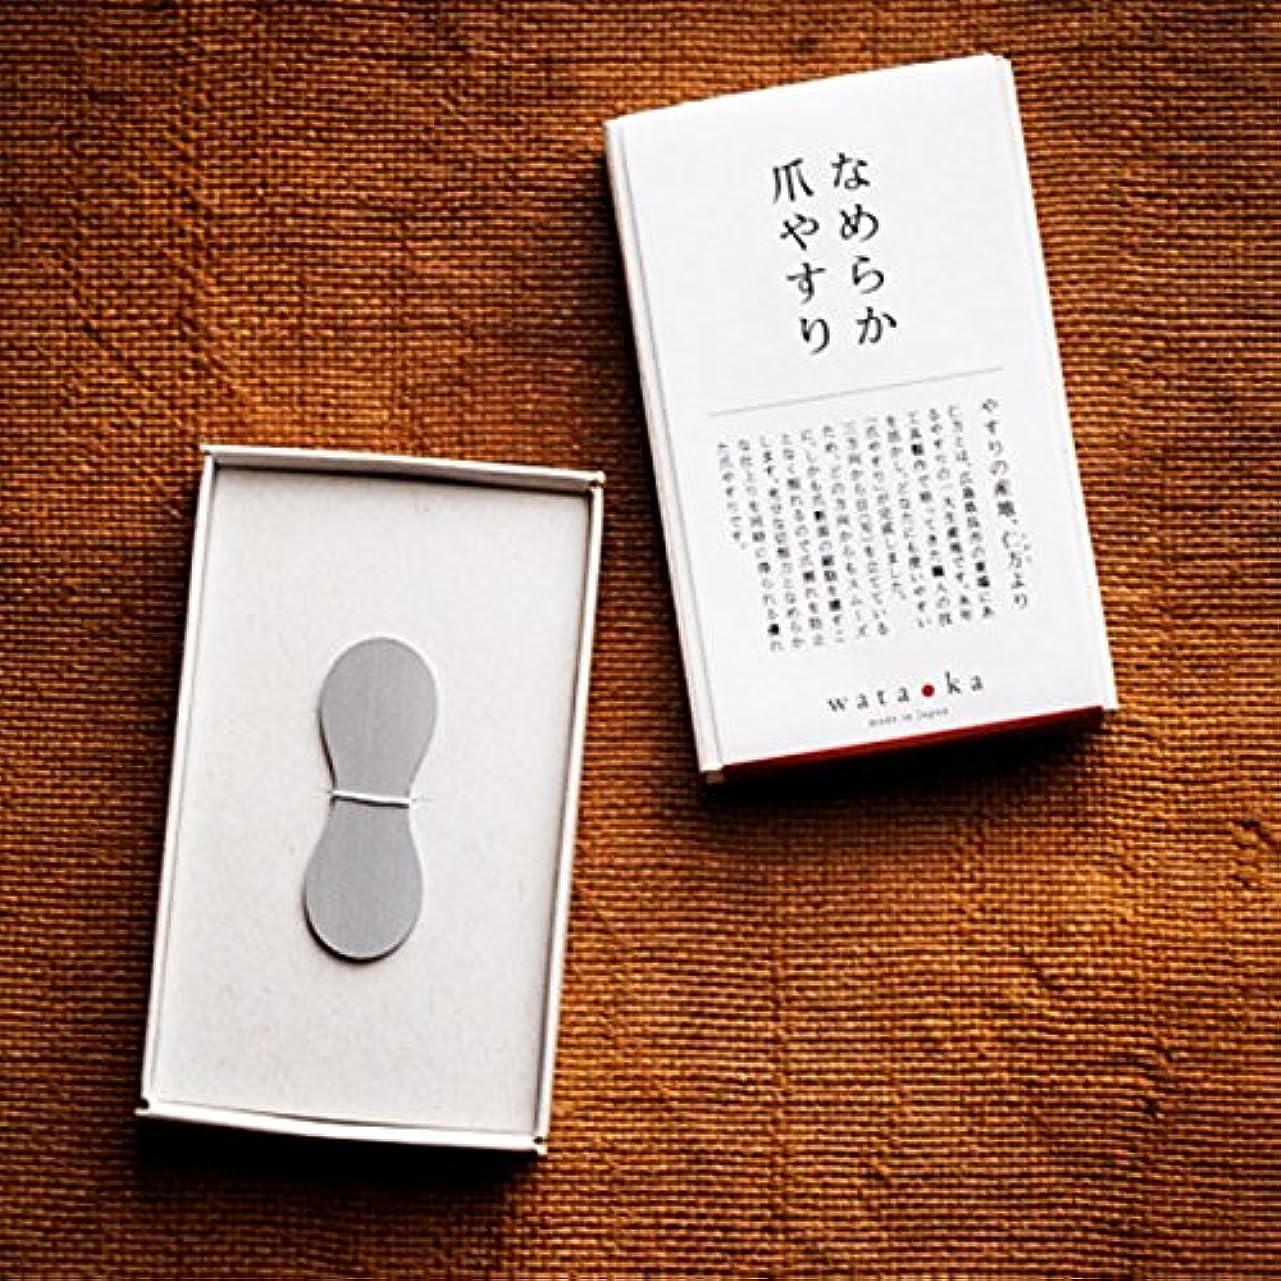 剃る光のうがいwataoka 鑢のワタオカ 爪やすり (専用パッケージ入り)